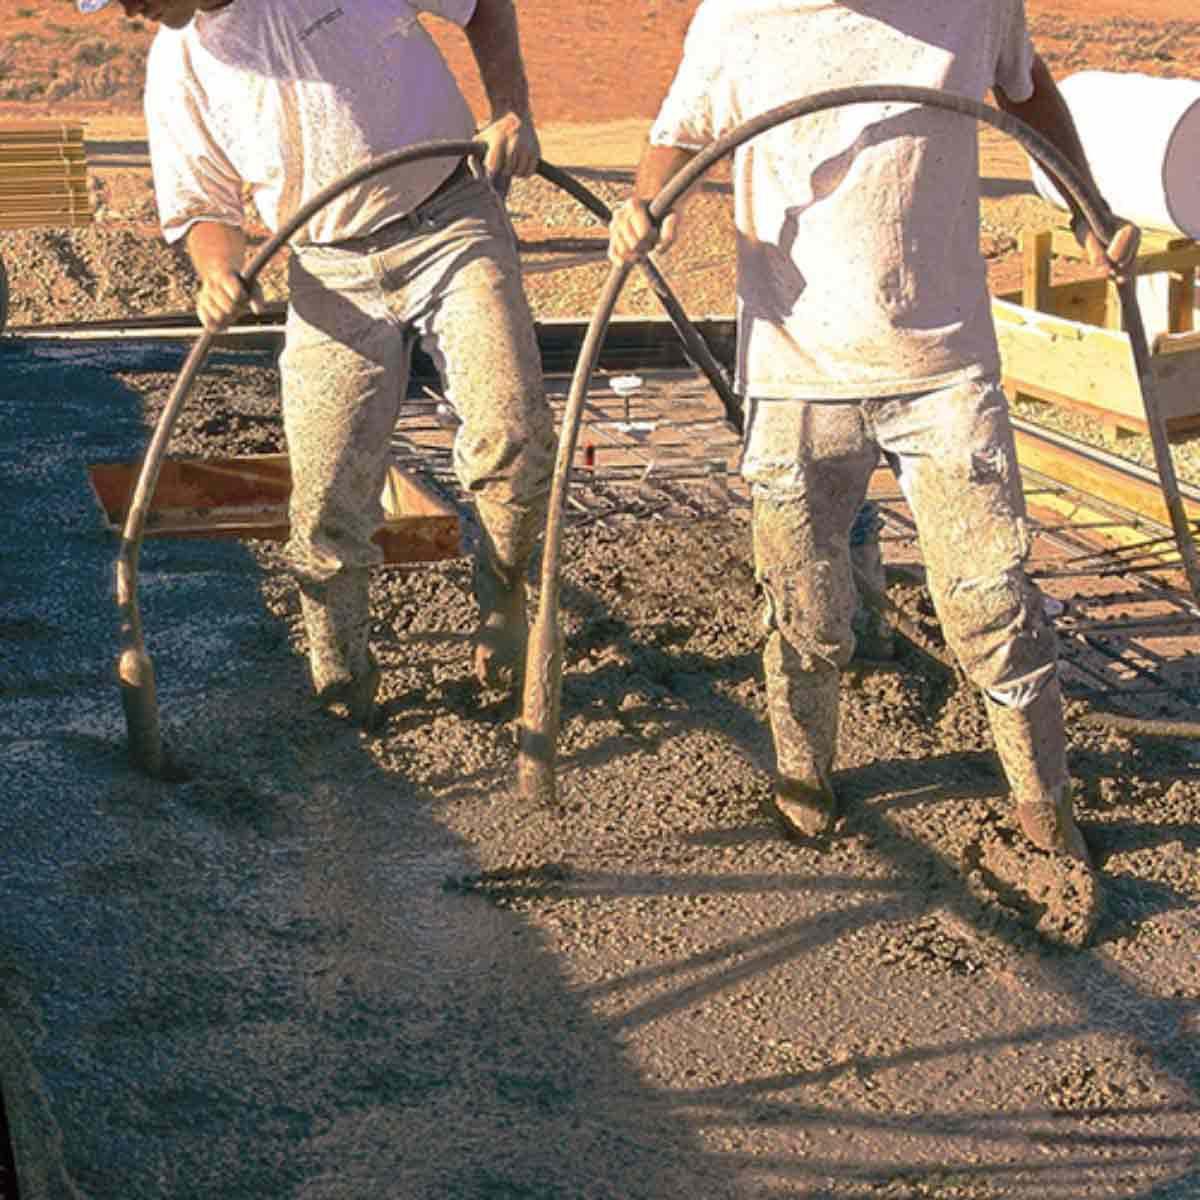 Multiquip Concrete vibrator action